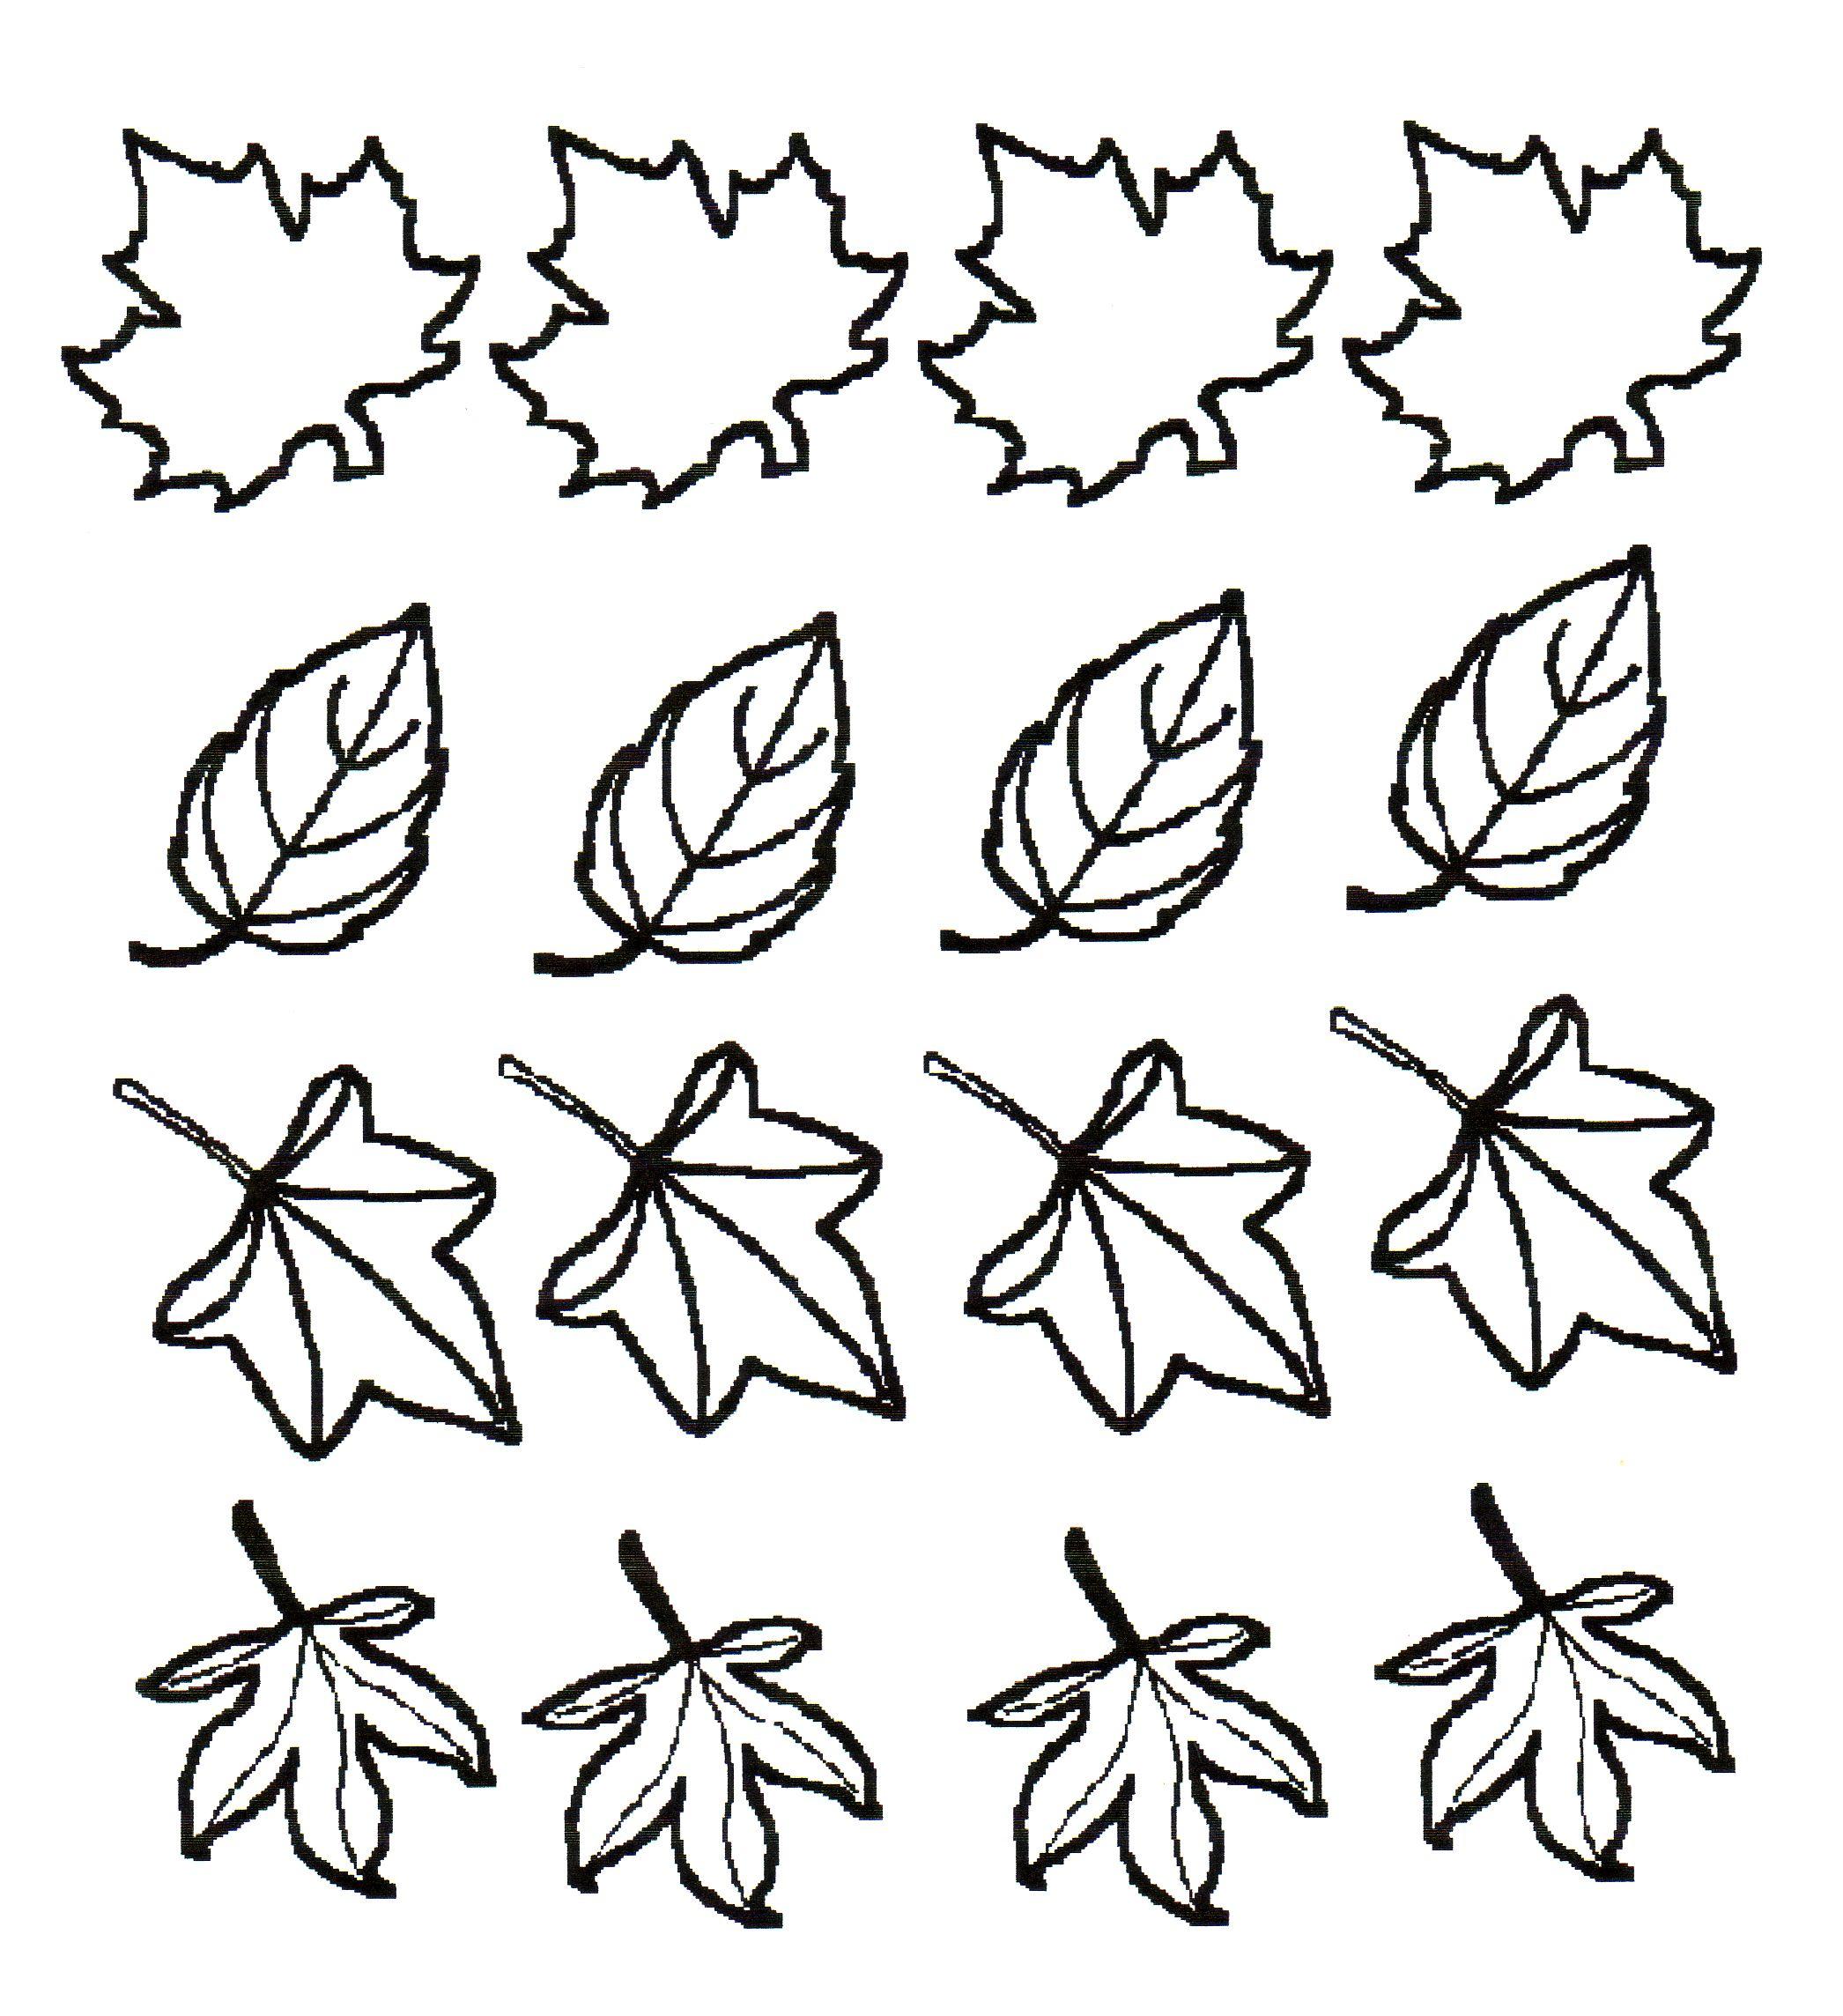 Pin Van Laporte Susy Op Onderwijs Thema Herfst Herfst Bomen Bloemensjabloon Herfstbladeren